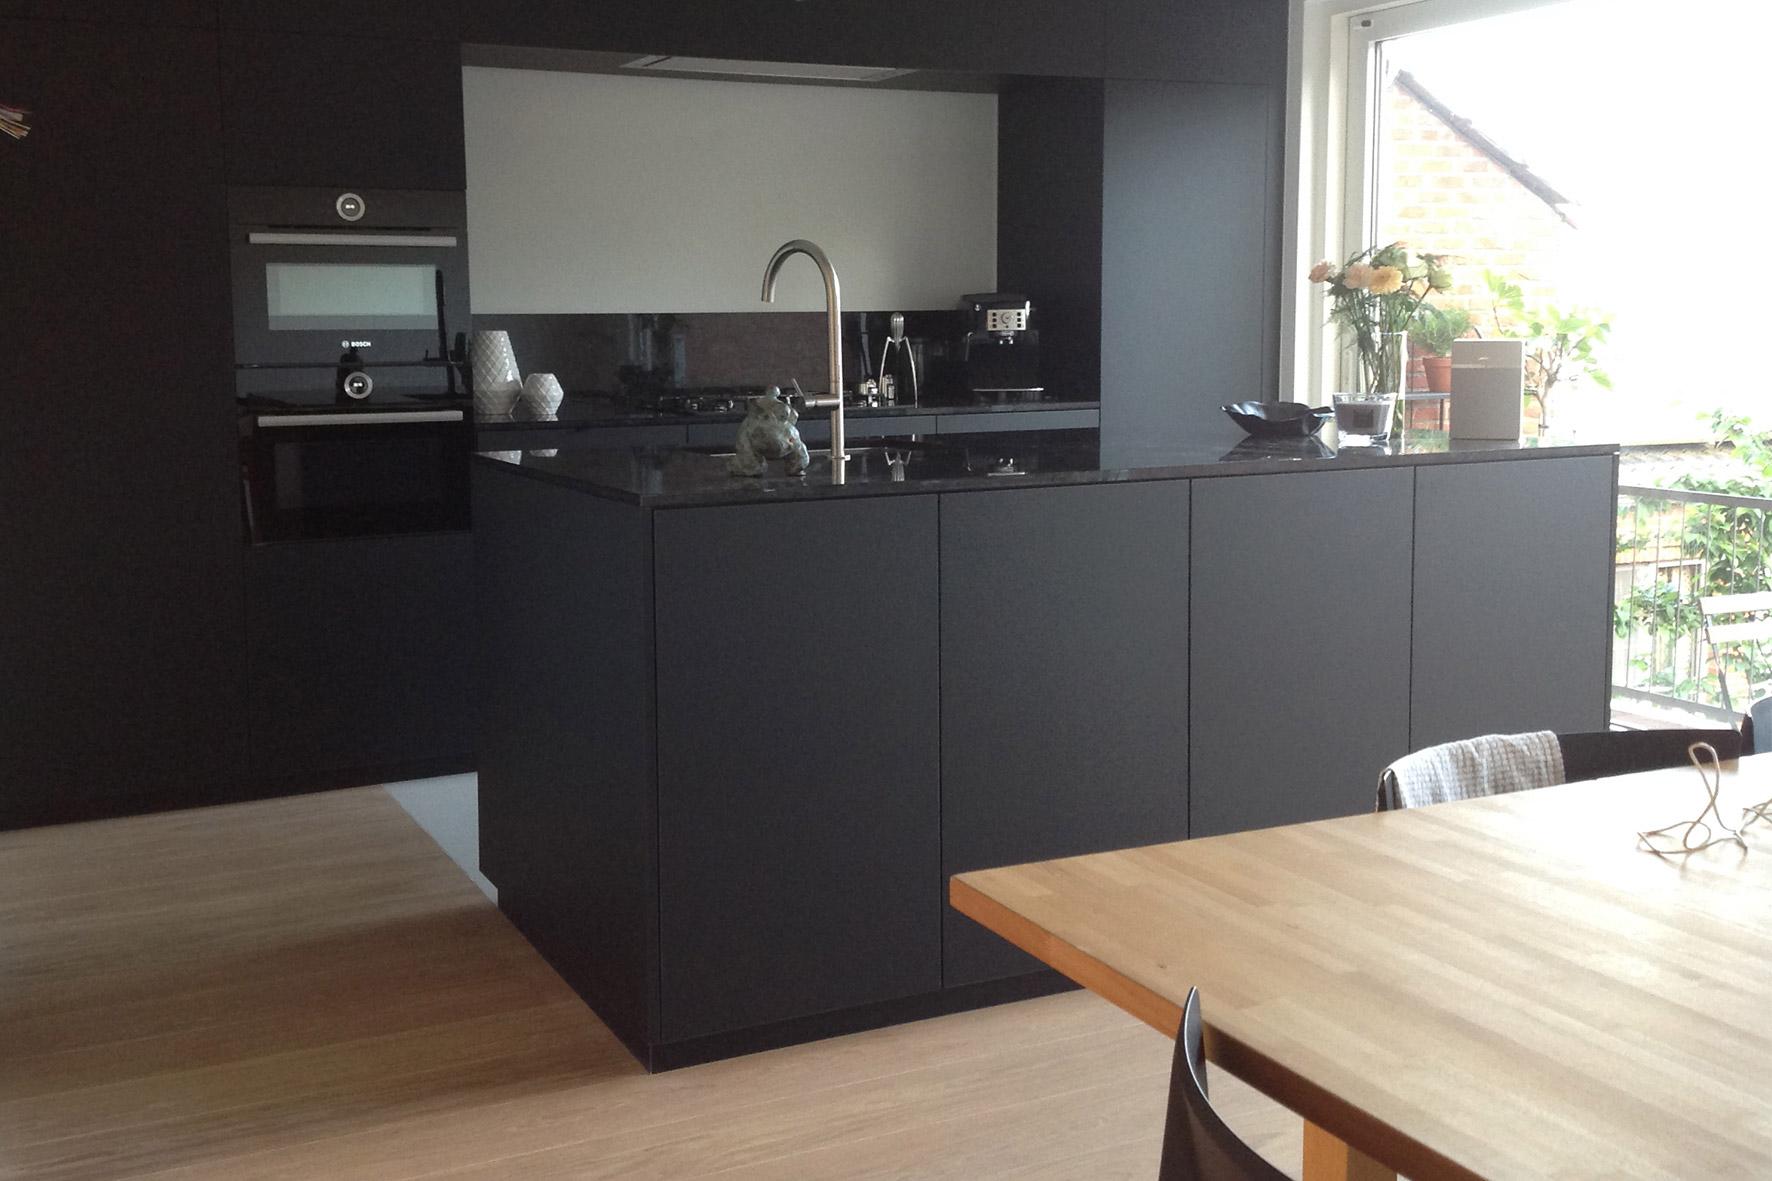 Keuken – laminaat mat zwart met graniet werkblad – flex design